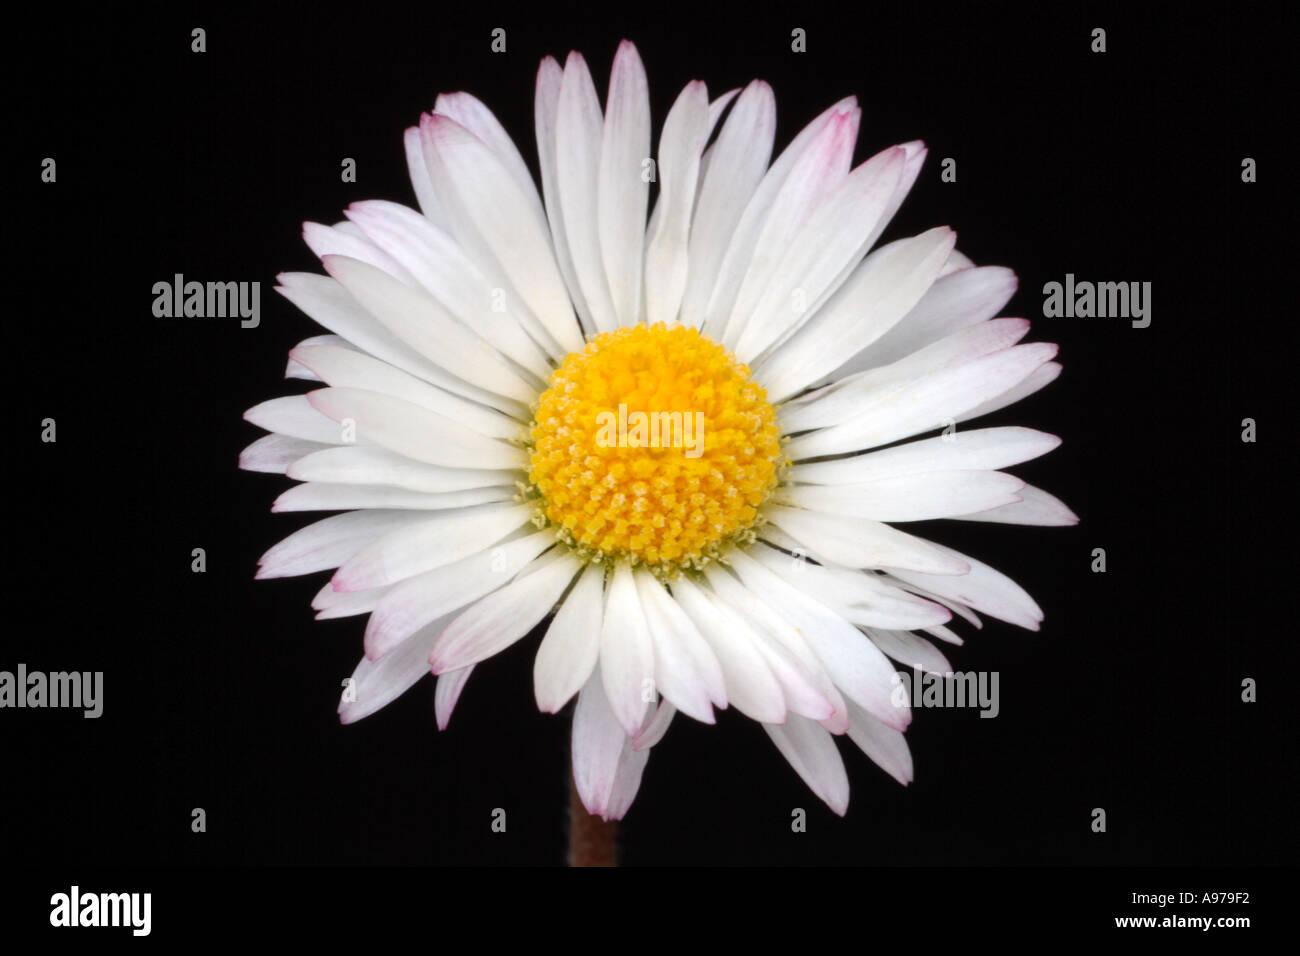 Nahaufnahme eines offenen, einheitlichen Daisy Blume auf schwarzem Hintergrund. Rosa Spitzen, weiße Blütenblätter. Stockbild